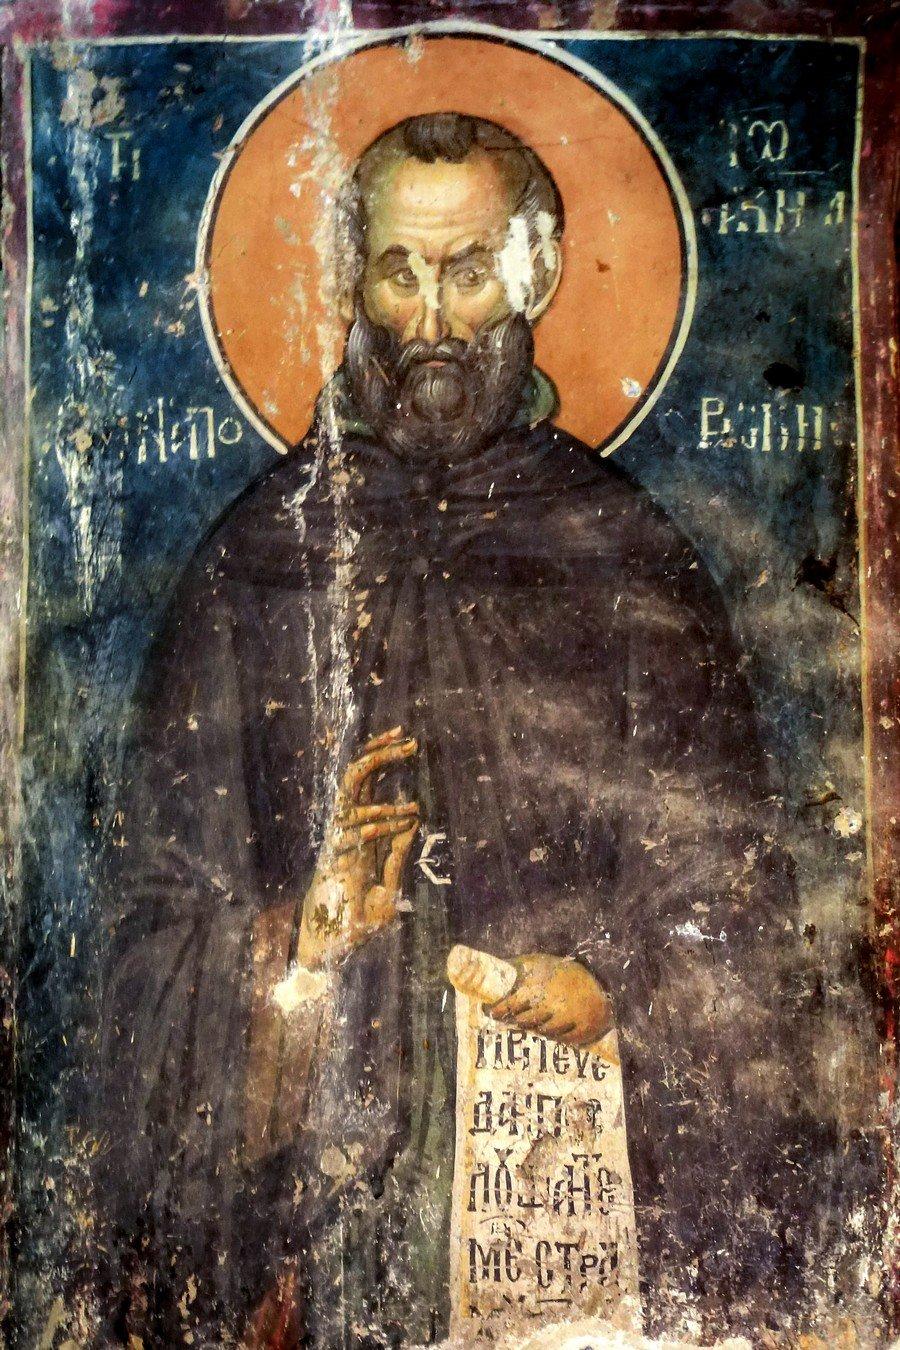 Святой Преподобный Иоаким Осоговский. Фреска церкви Святого Николая в монастыре Псача, Македония. 1365 - 1377 годы.